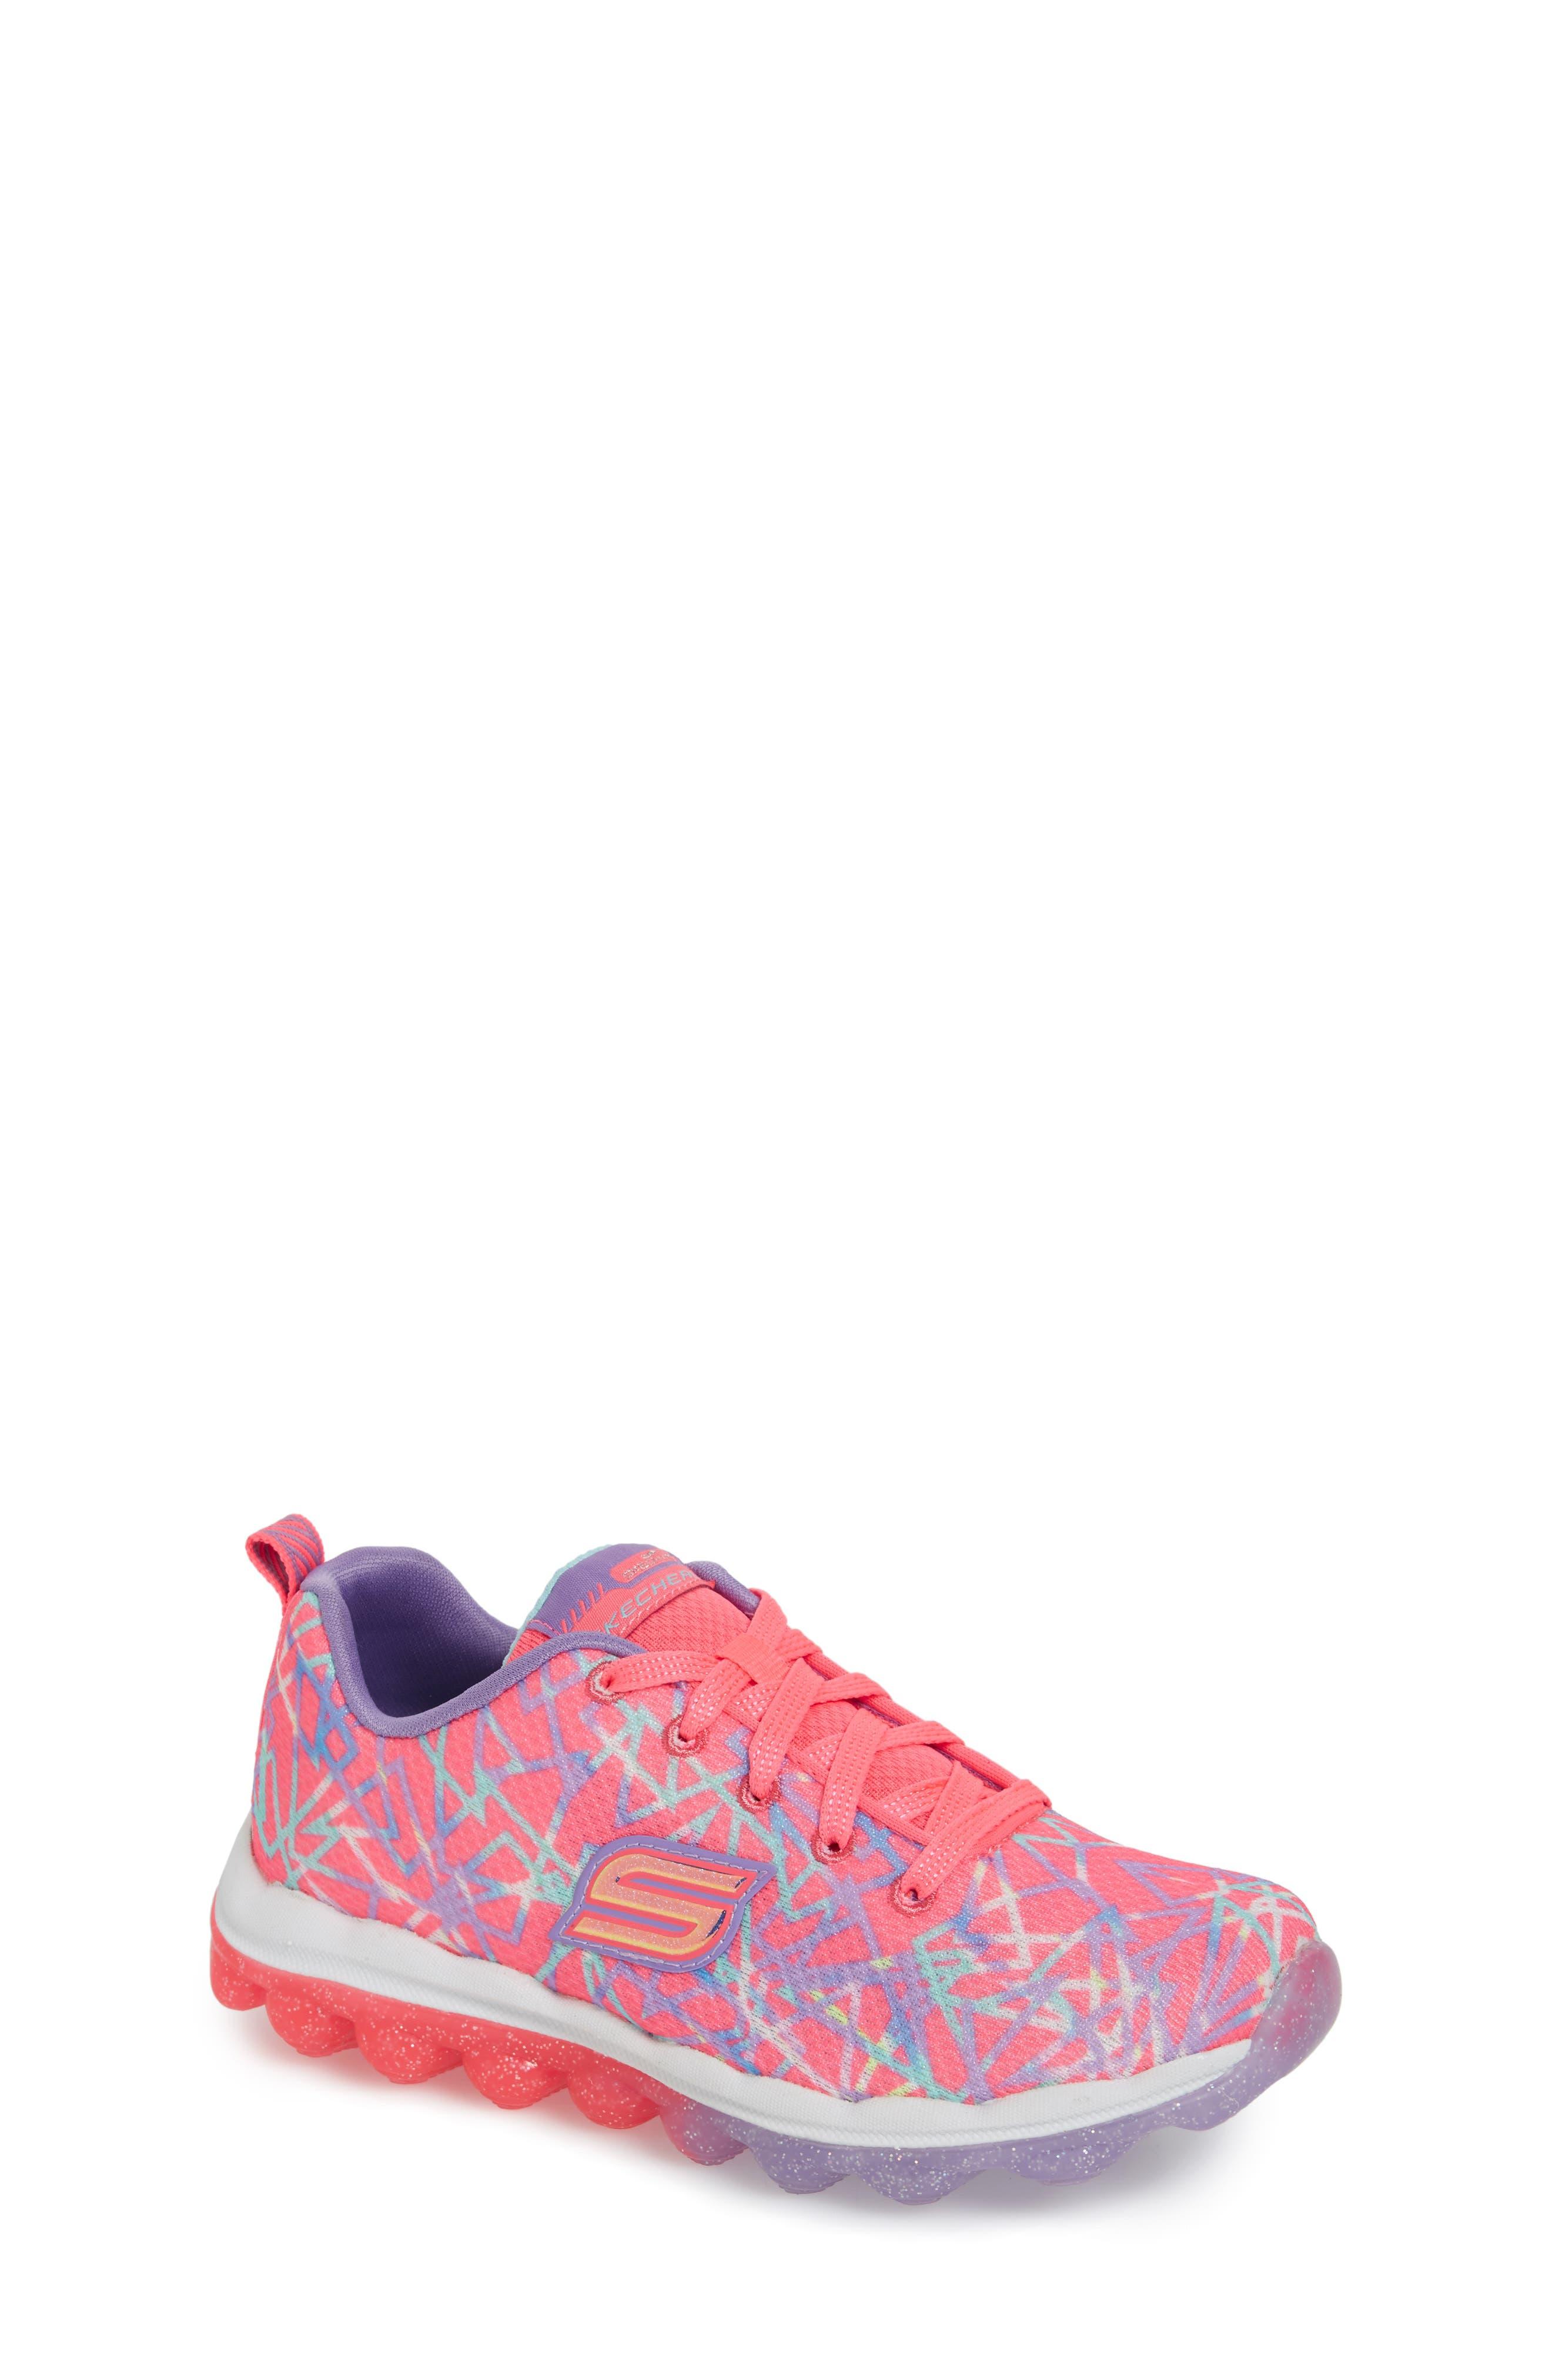 Skech-Air Sneaker,                             Main thumbnail 1, color,                             Pink